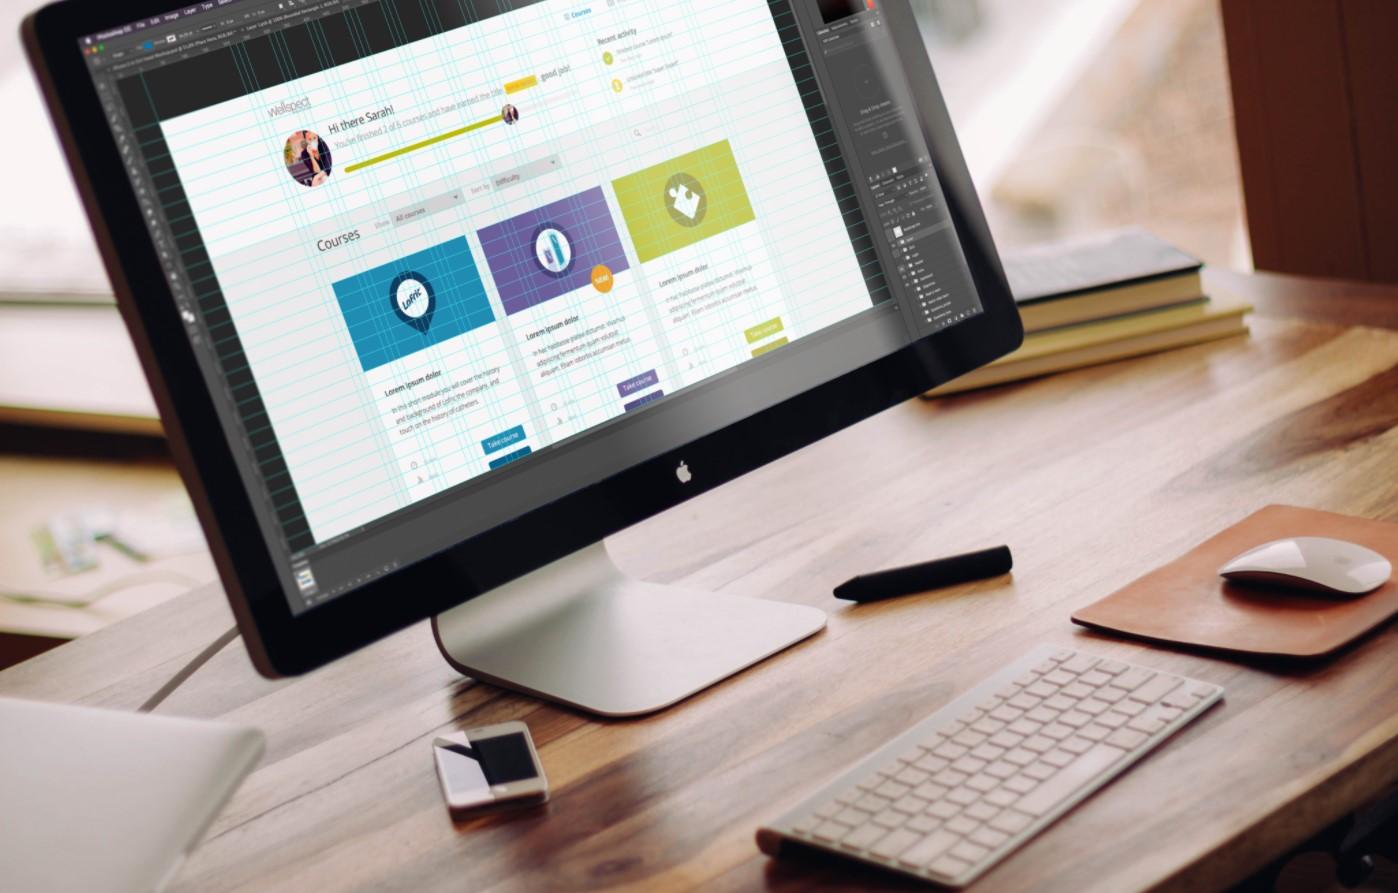 Wellspect e-learning